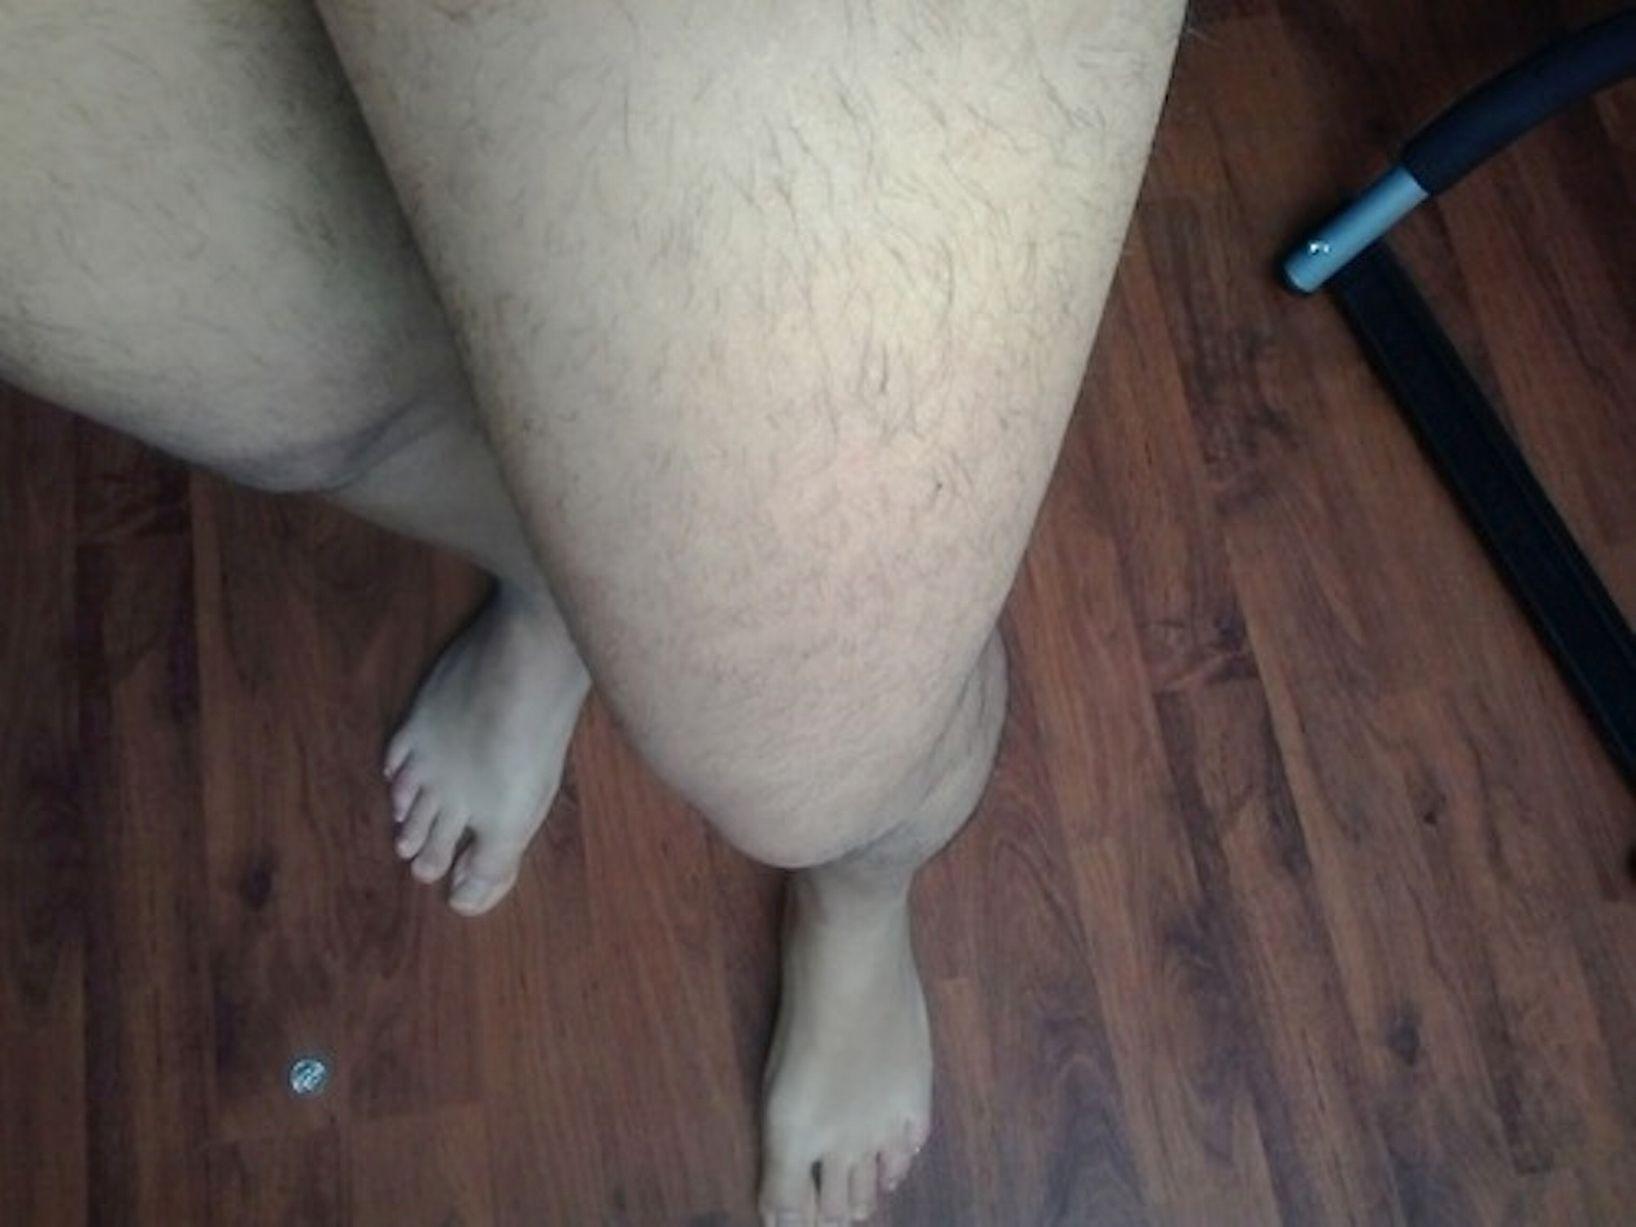 Fotos de mujeres con piernas peludas